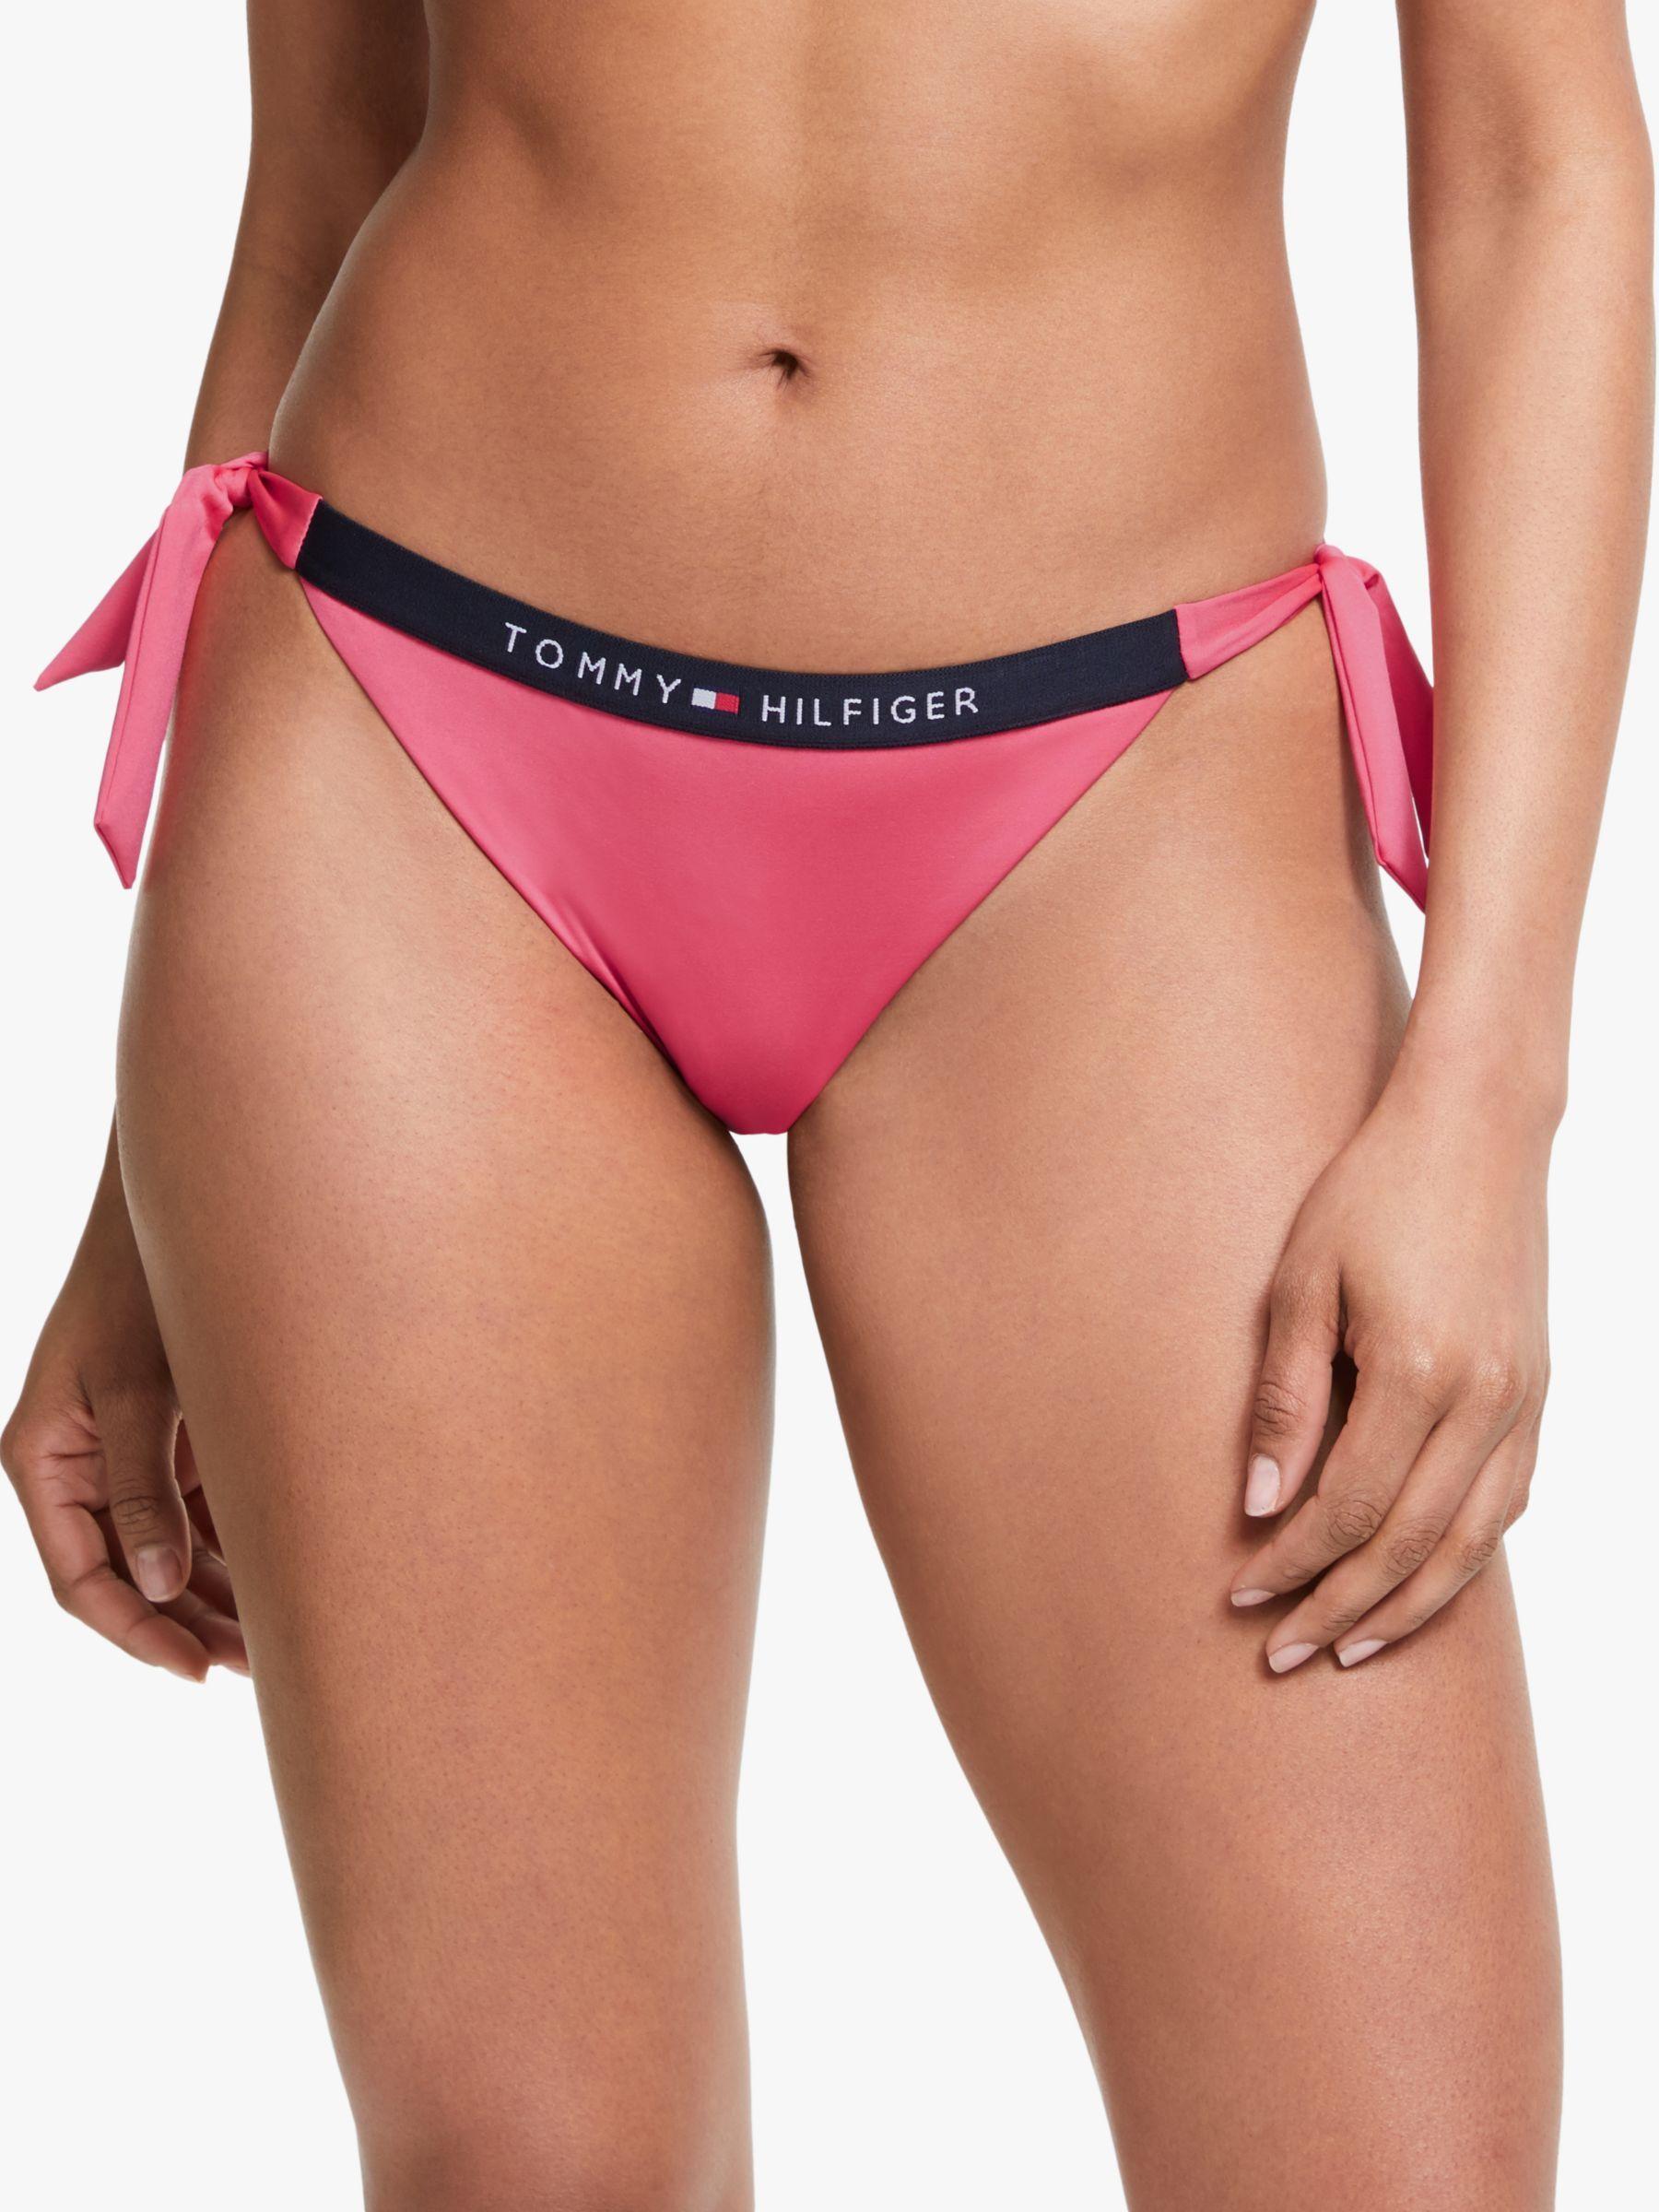 Tommy Hilfiger Womens Side Tie Bikini Bottoms